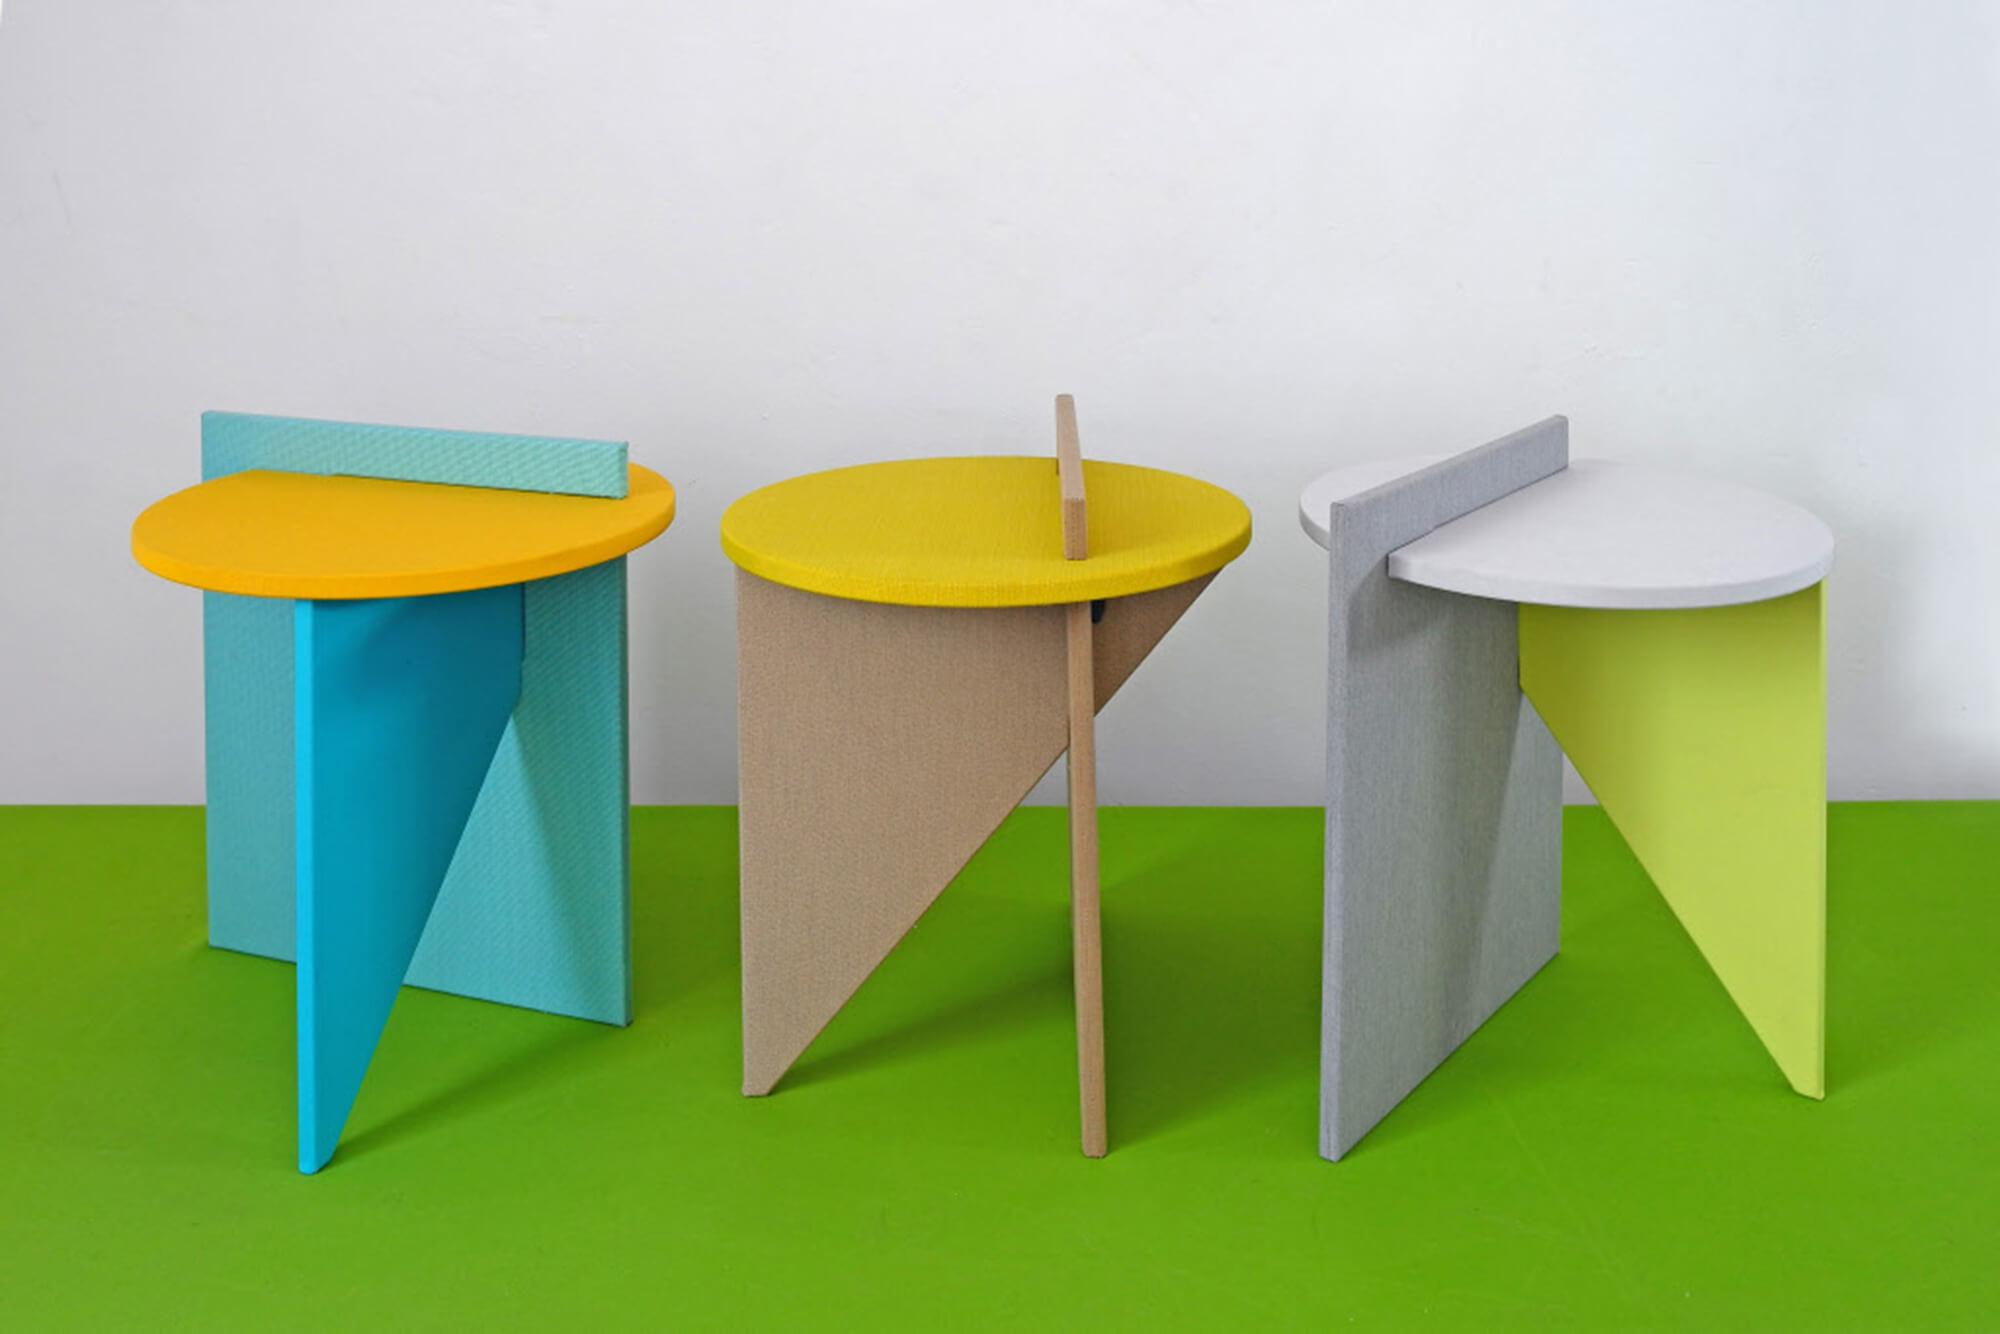 โต๊ะข้างสีฟ้า เหลืองและเขียว ที่ออกแบบโดย Atelier Lavit